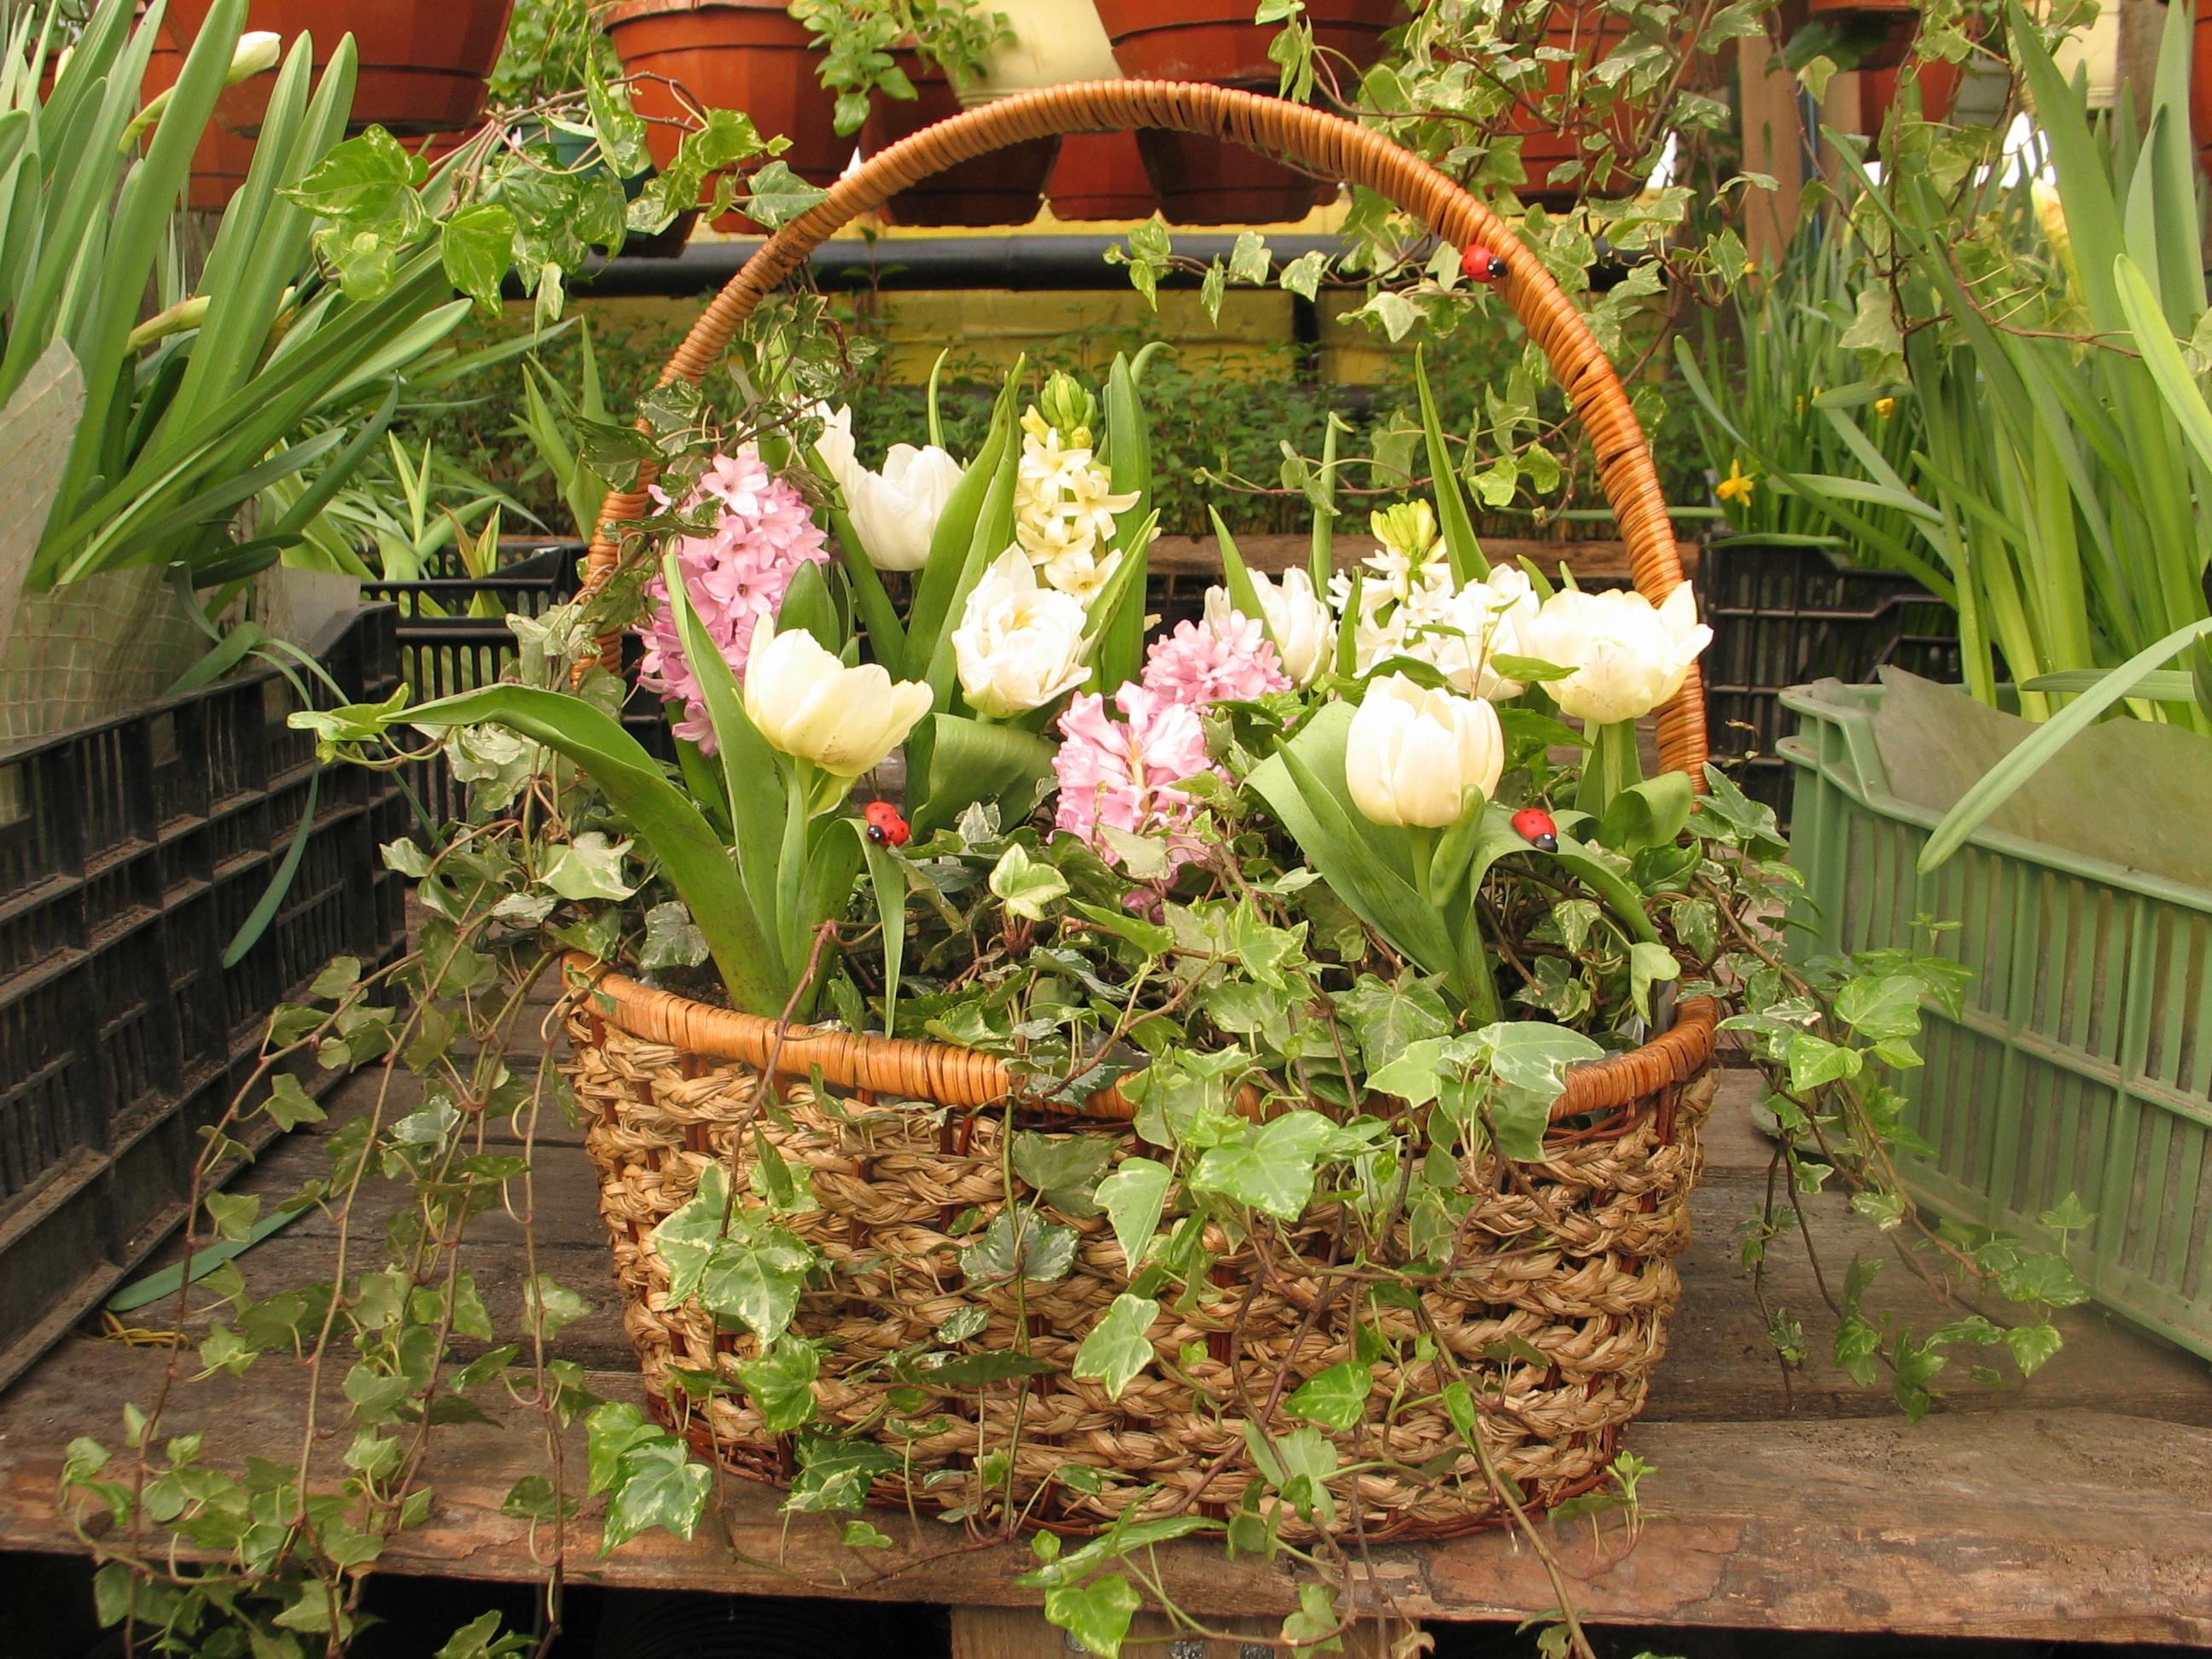 Наполните плетеную корзинку цветами в горшках: белыми тюльпанами, розовыми гиацинтами.